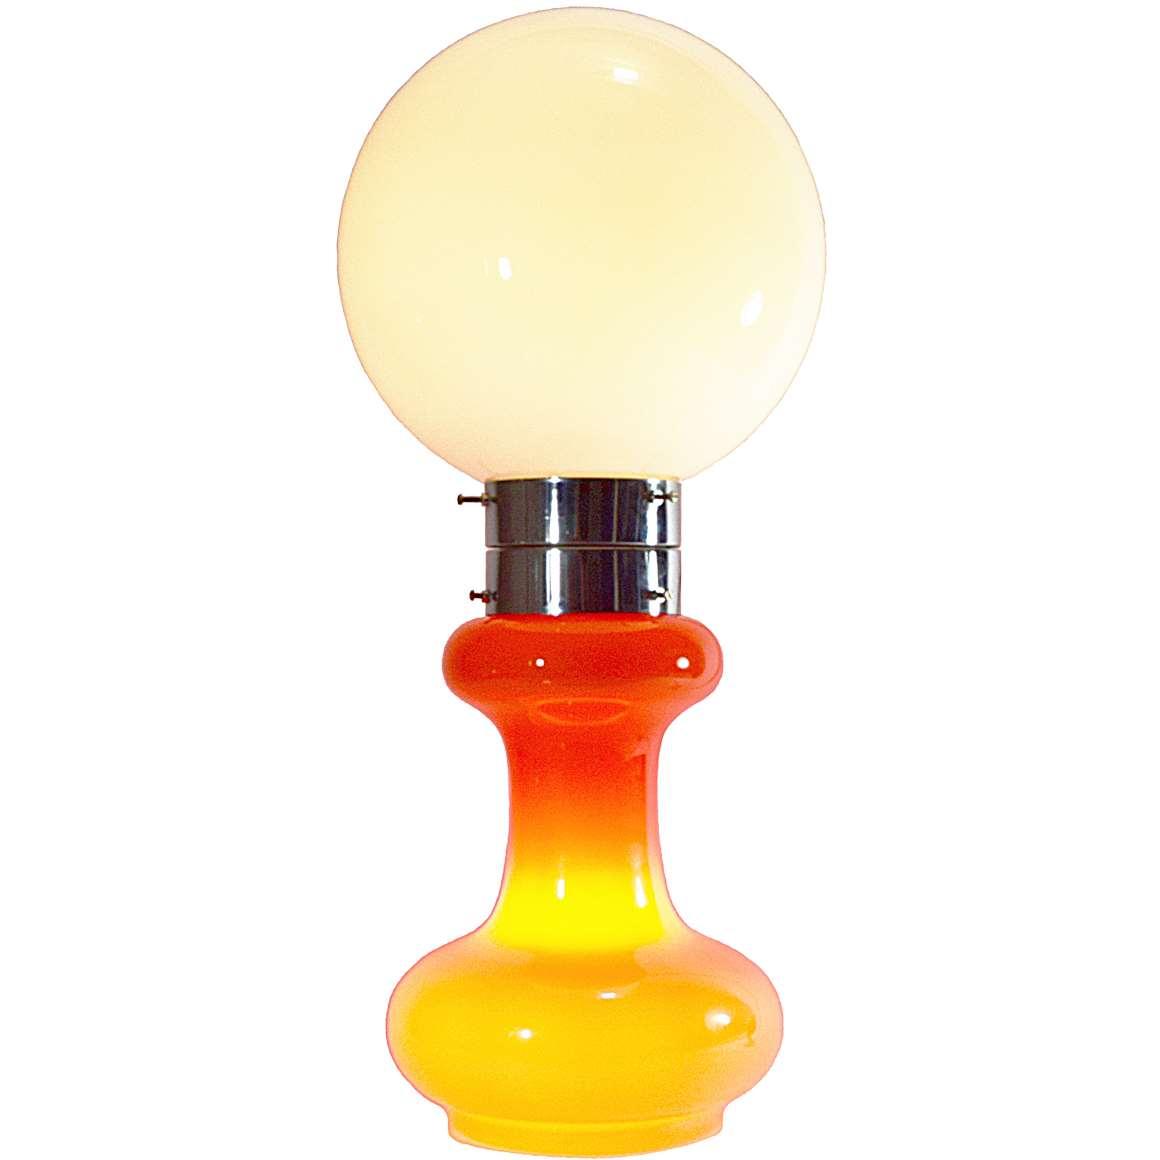 AV Mazzega Orange And White Floor Lamp